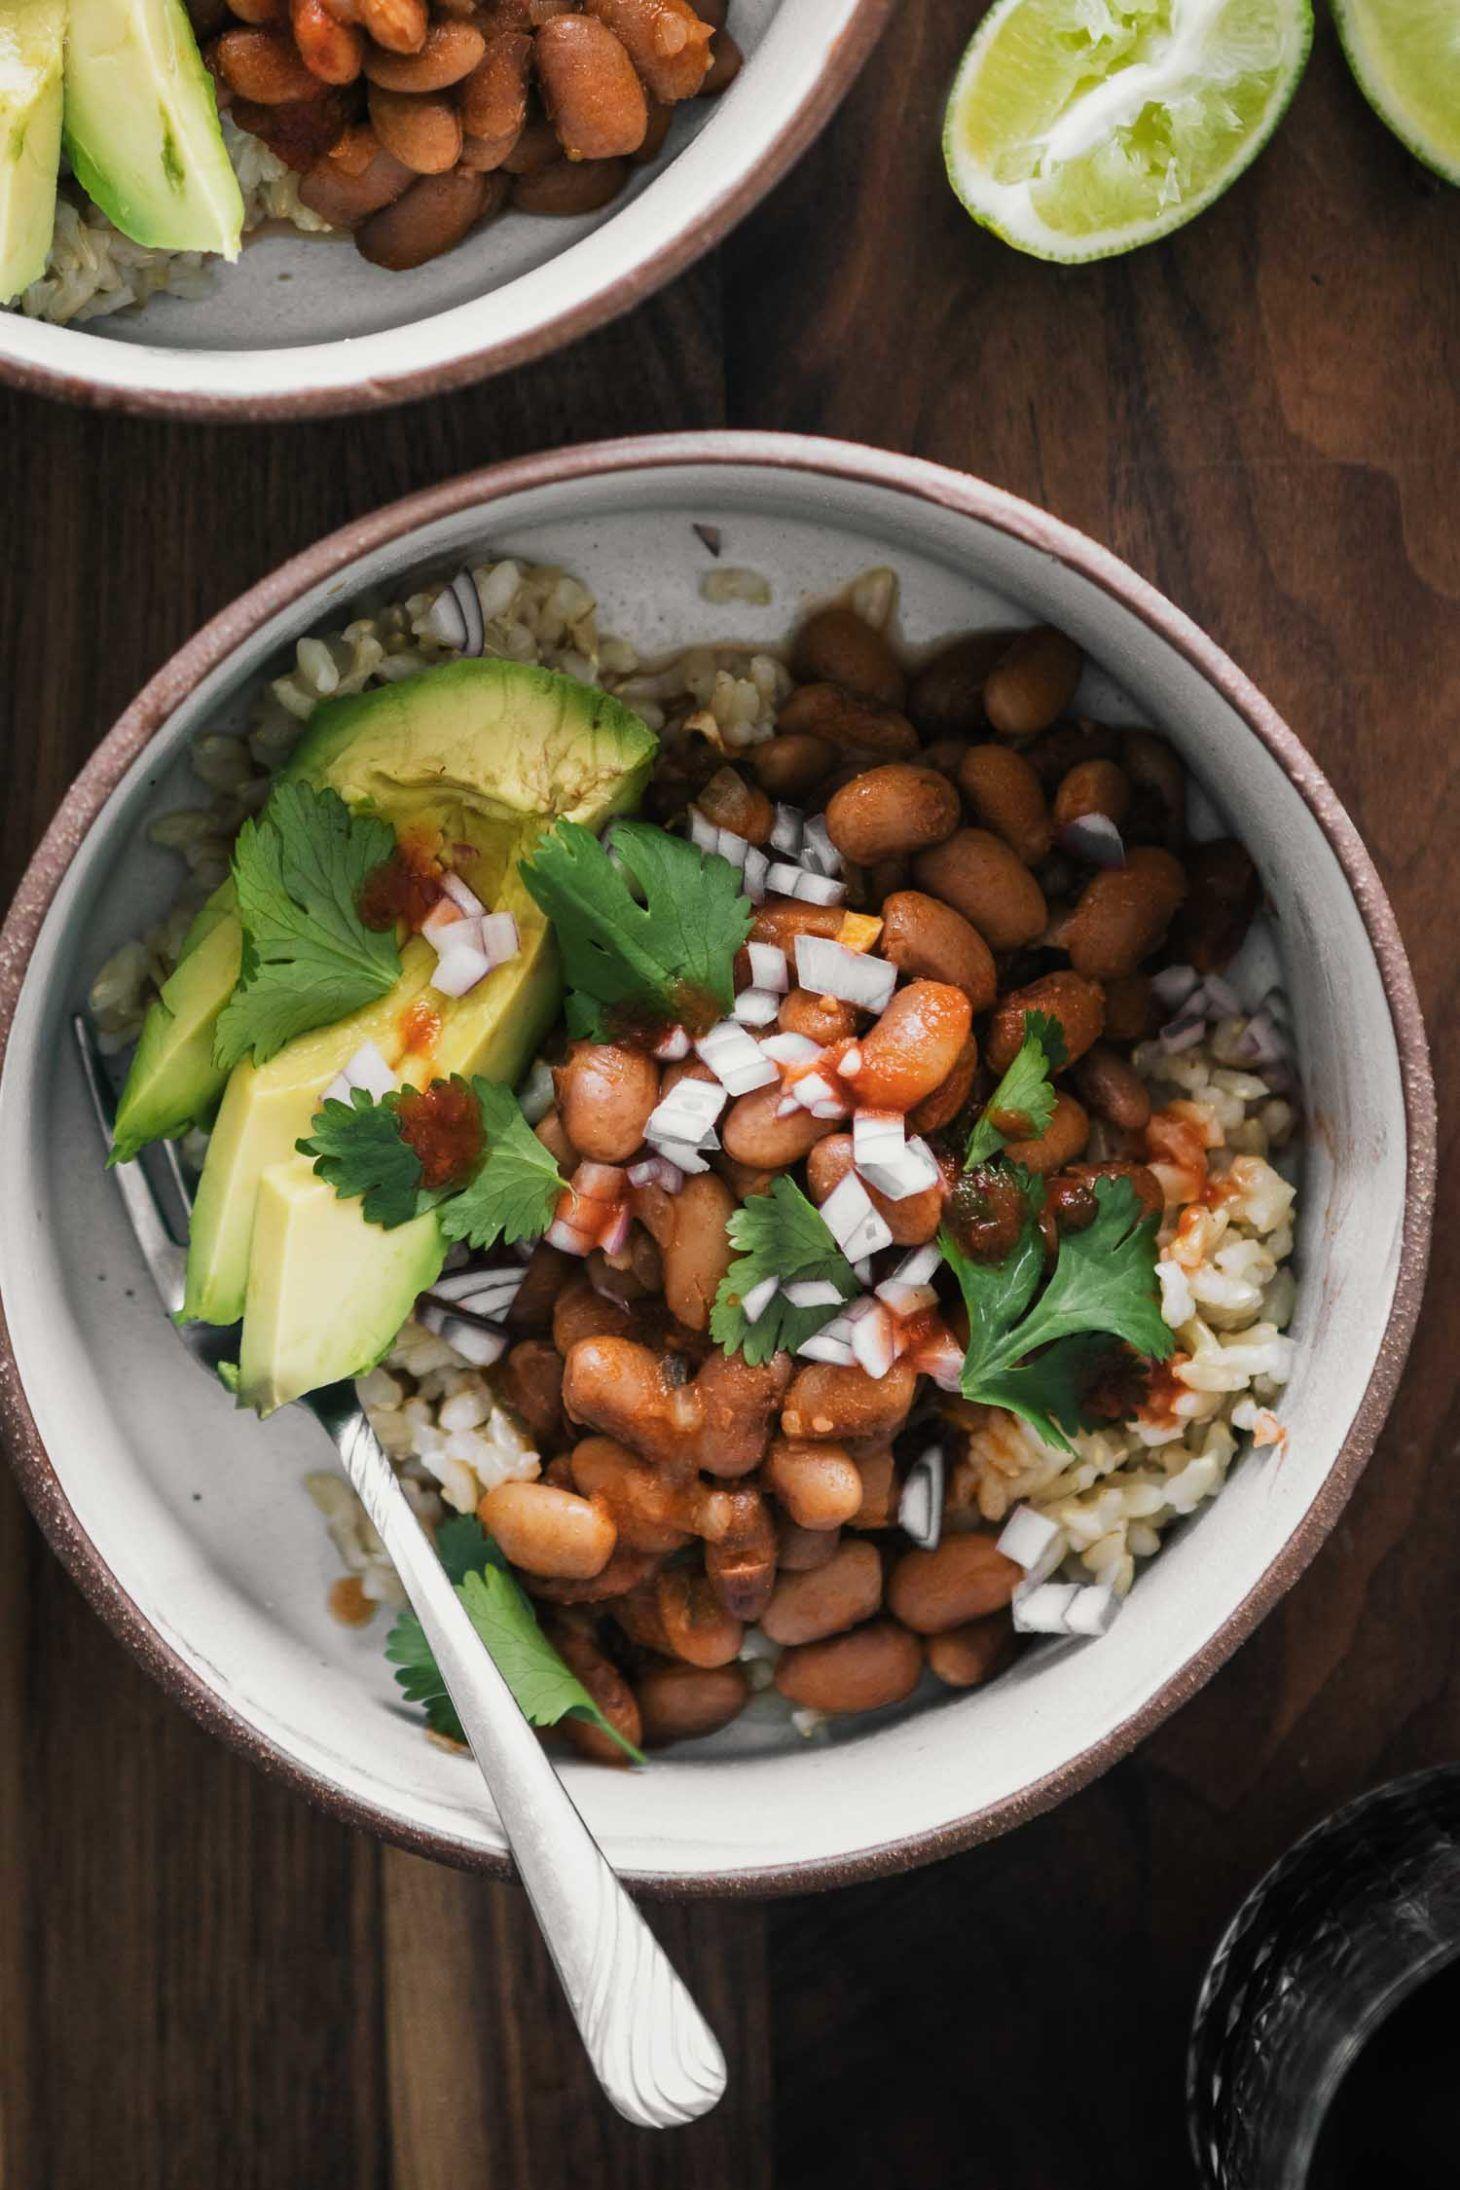 Spiced Pinto Bean Bowls With Avocado